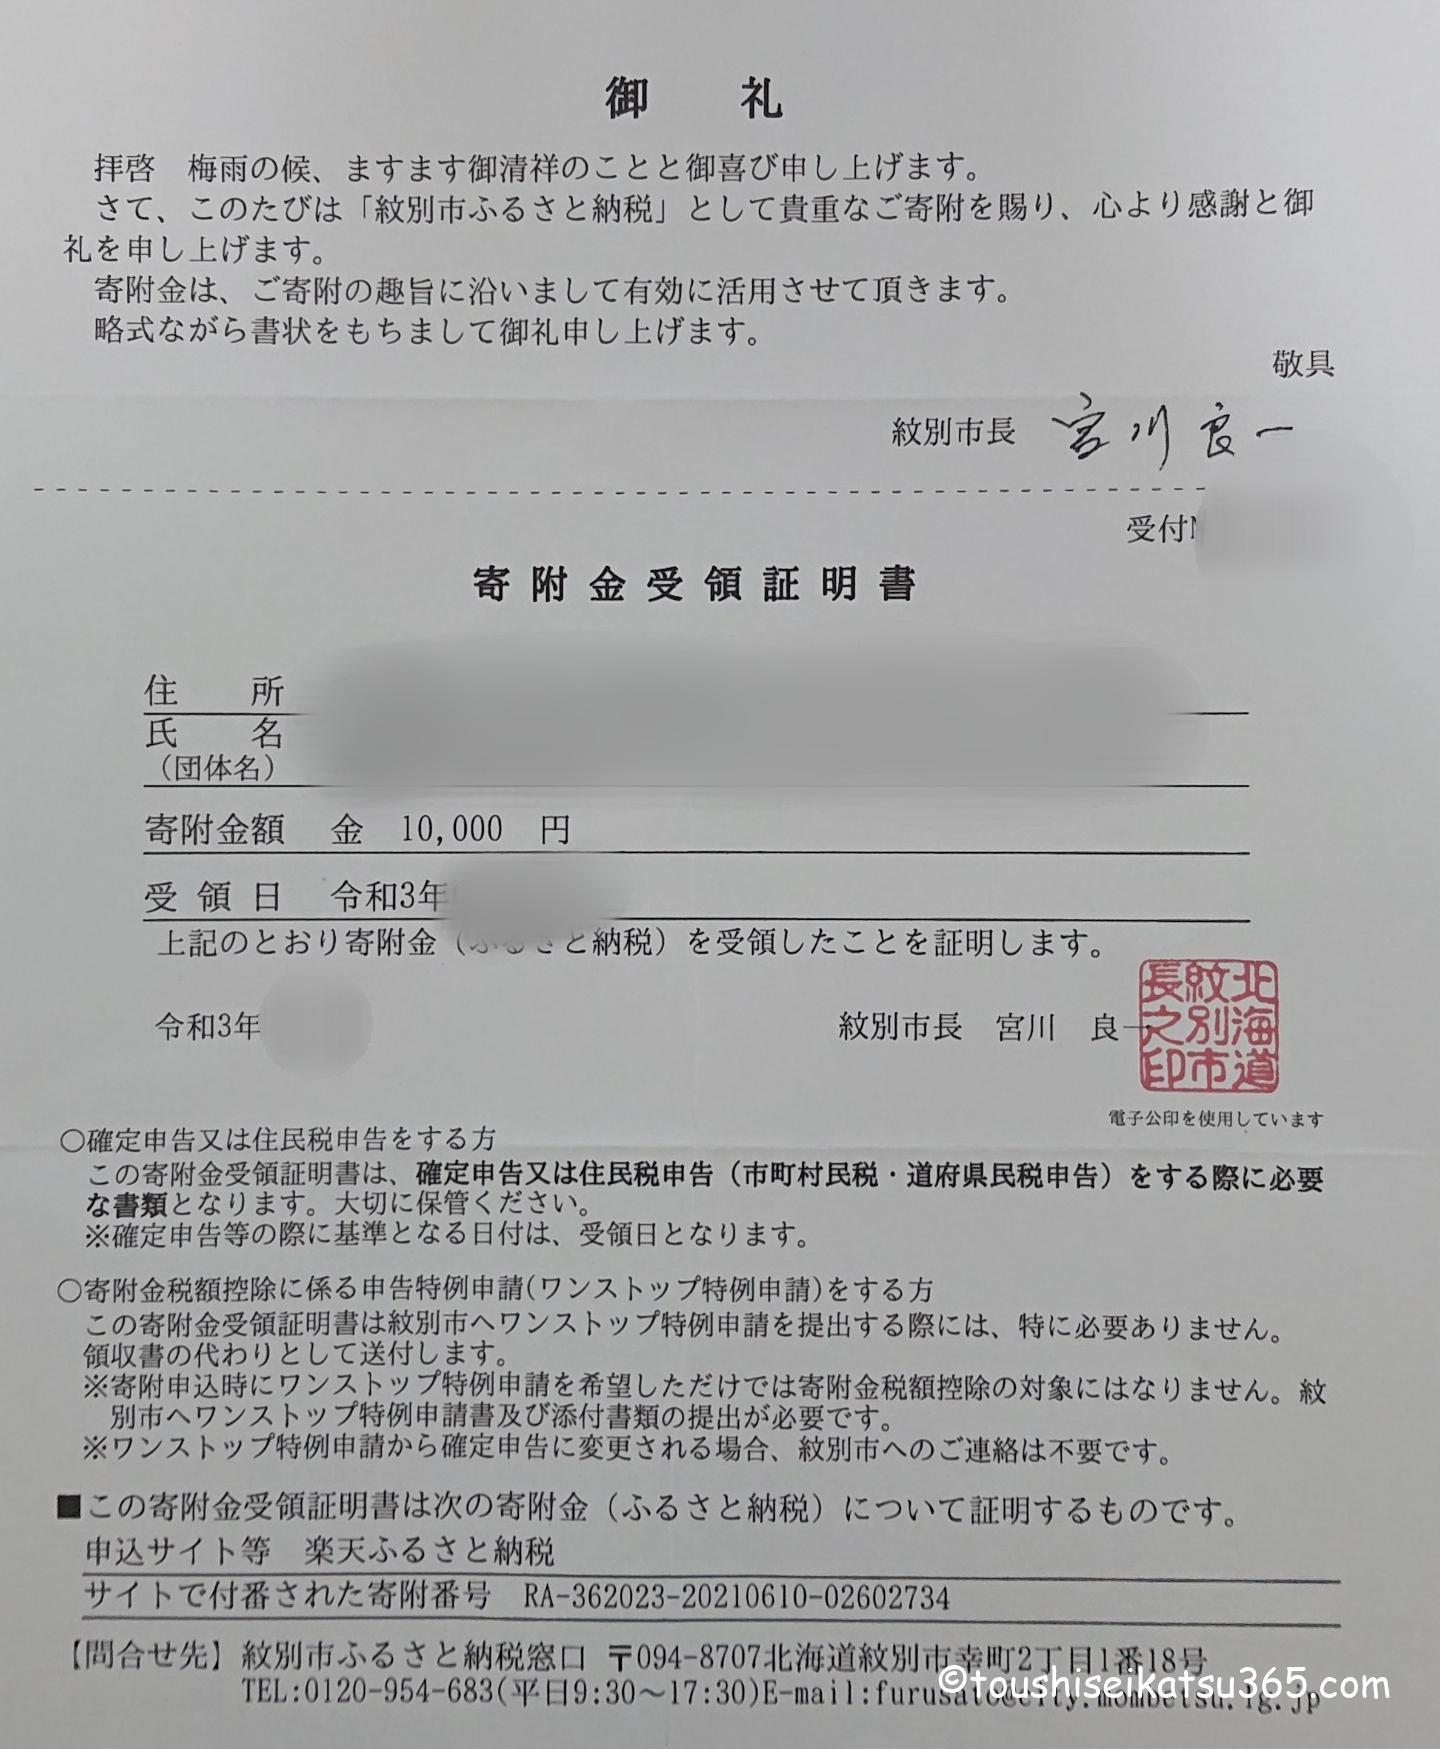 北海道紋別市 寄附金受領証明書